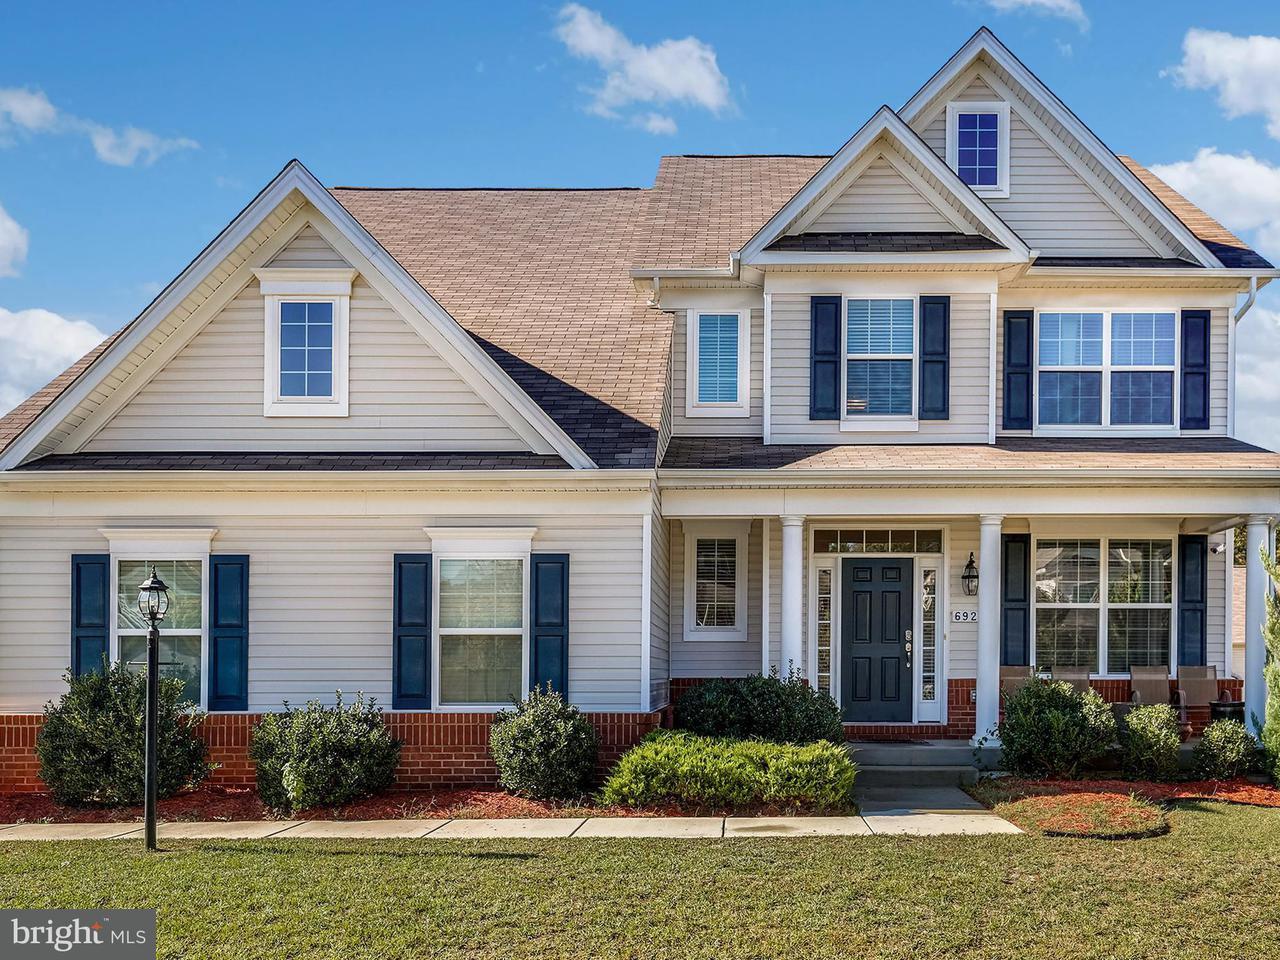 Μονοκατοικία για την Πώληση στο 6927 FARRAGUT Drive 6927 FARRAGUT Drive Bryans Road, Μεριλαντ 20616 Ηνωμενεσ Πολιτειεσ